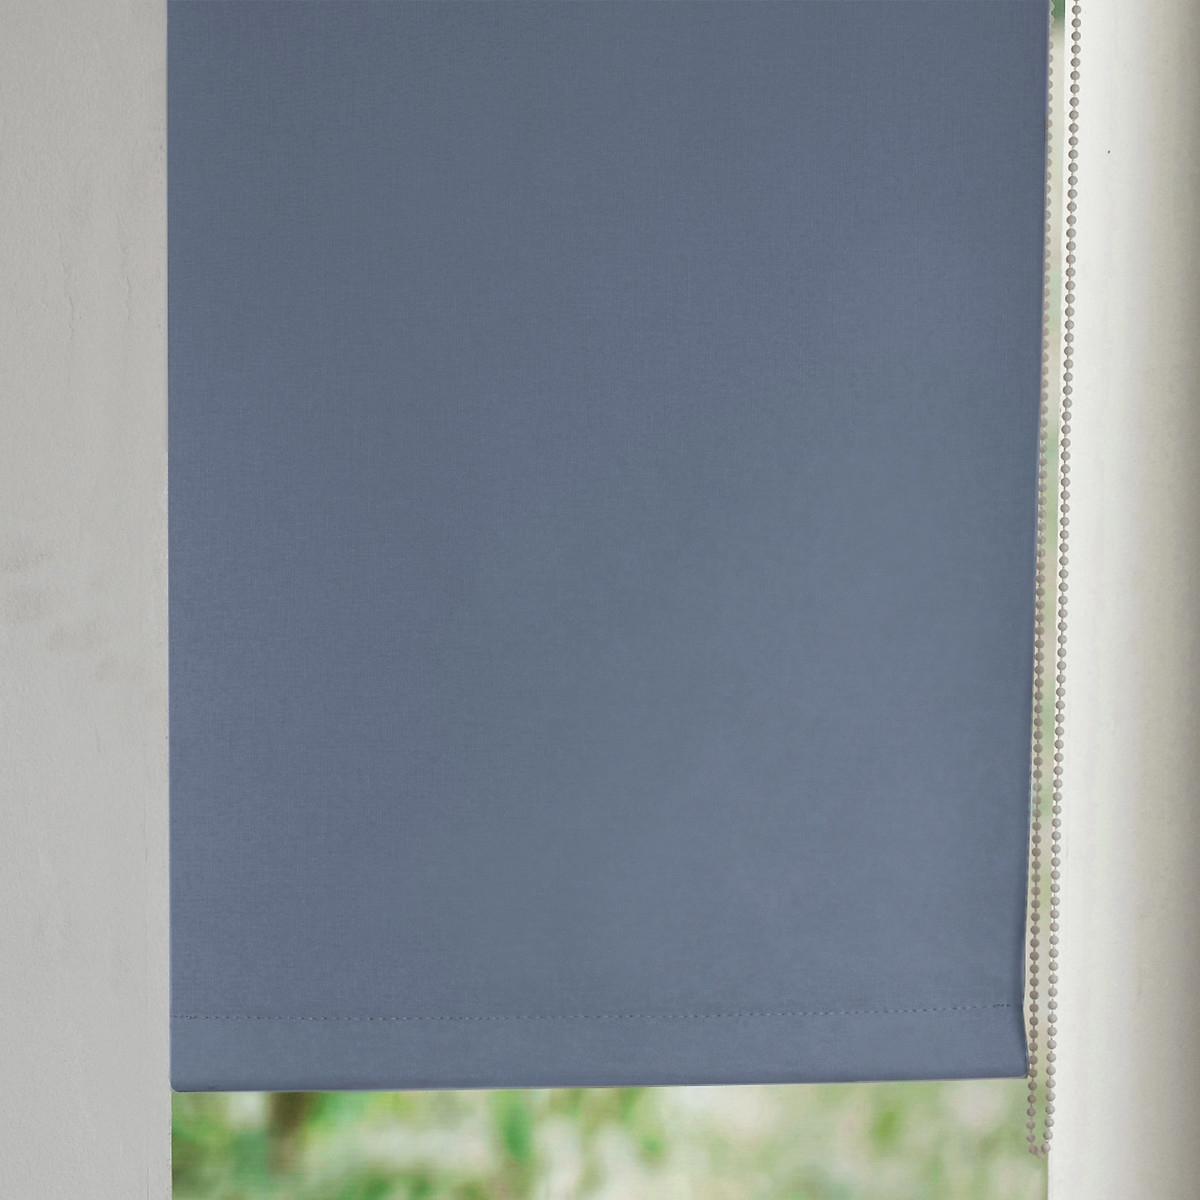 Штора LaRedoute Рулонная затемняющая широкая Scenario 170 x 87 см синий